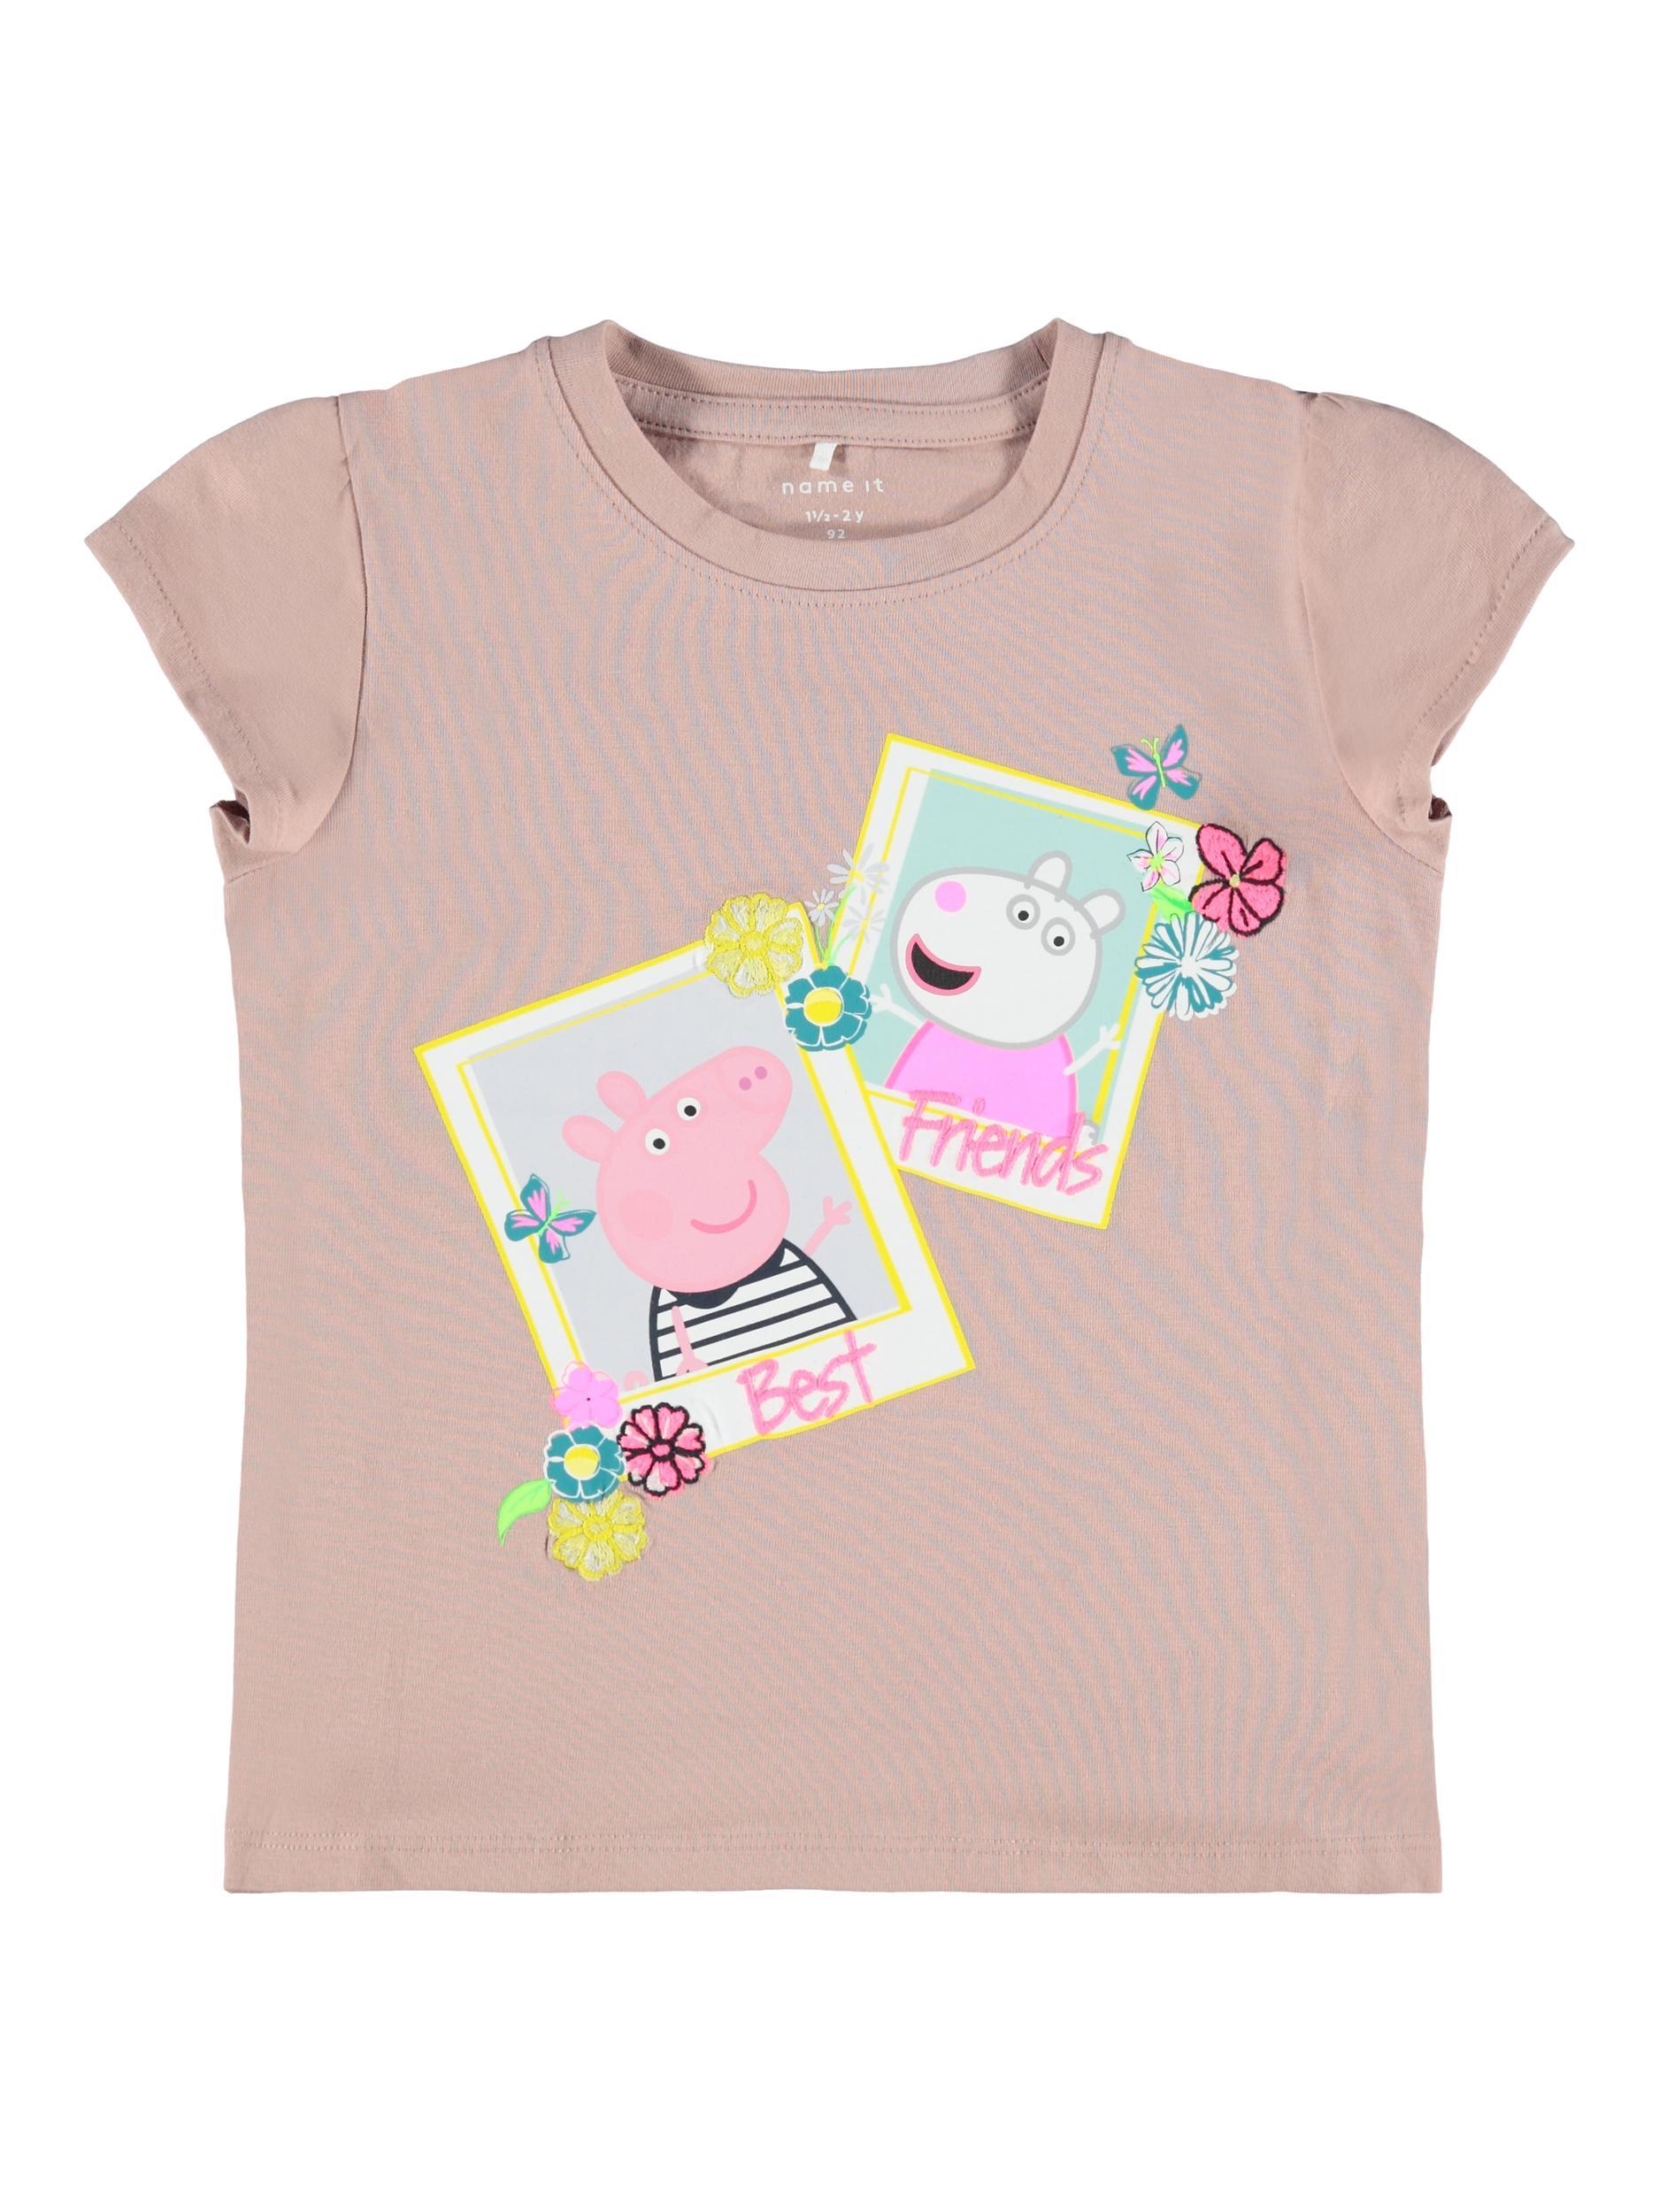 Name It Gurli Gris t-shirt, adobe rose, 98